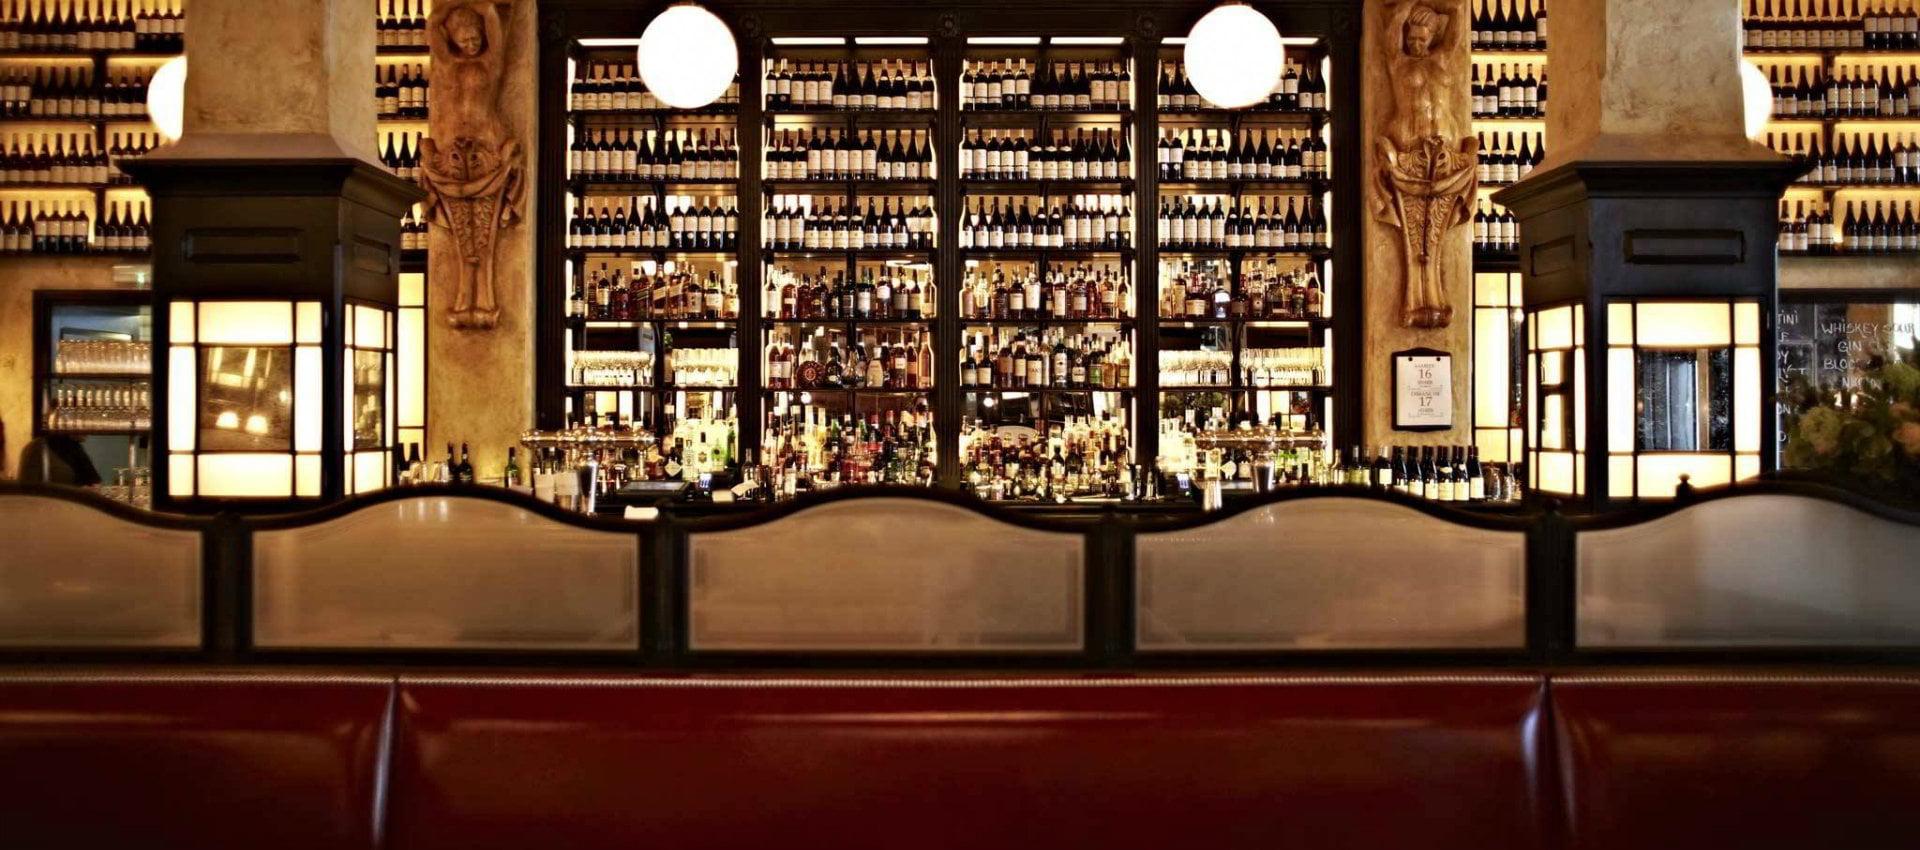 Restaurants Near Minetta Lane Theatre Nyc